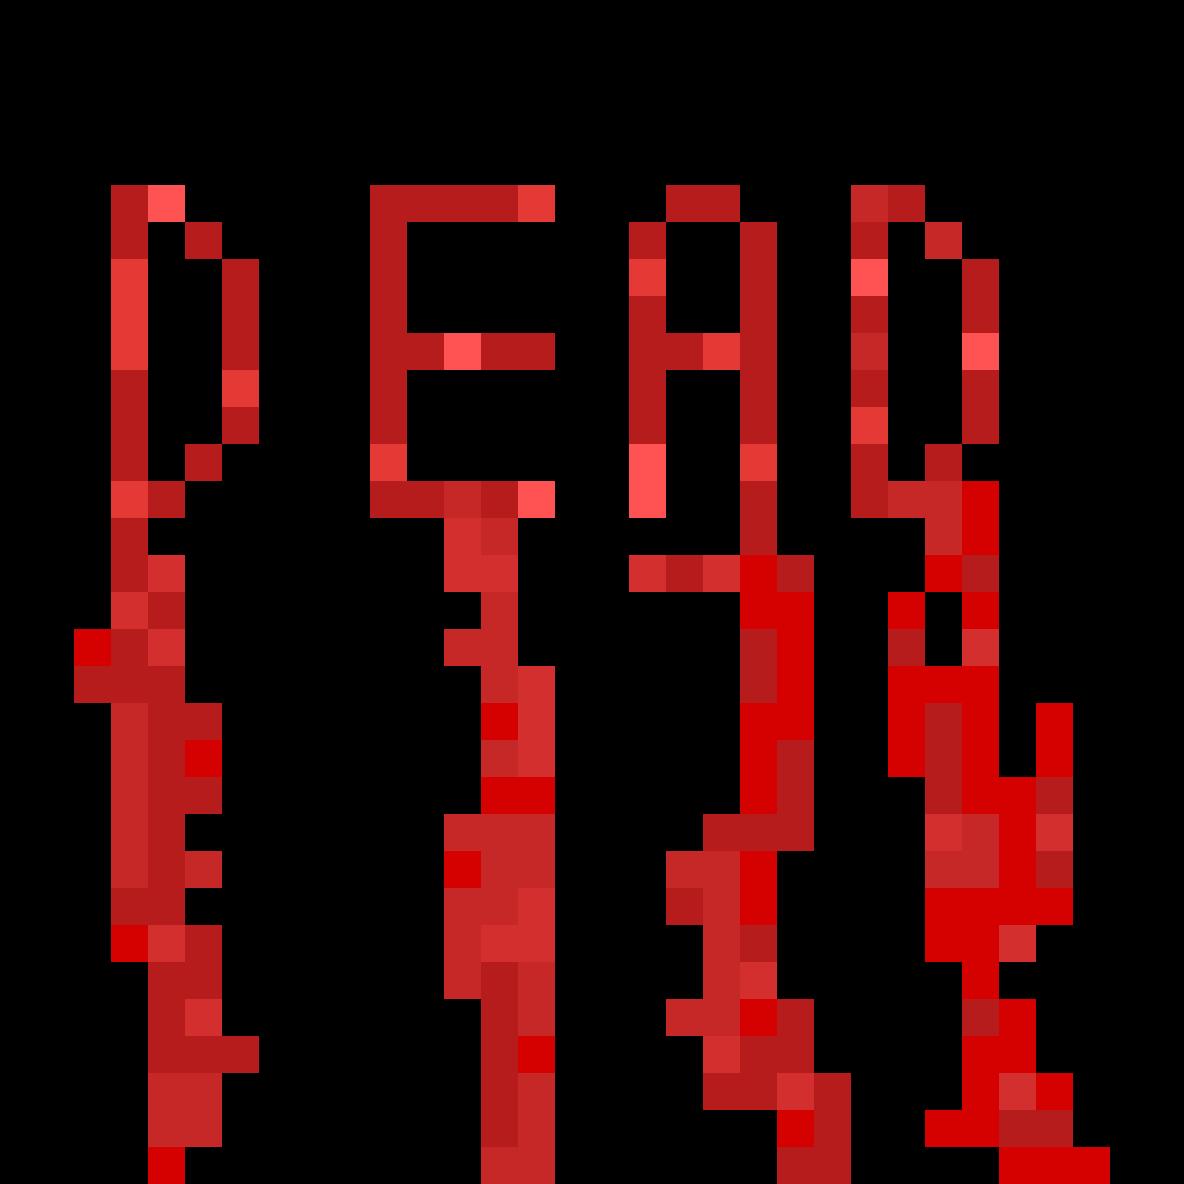 DEAD by Xert